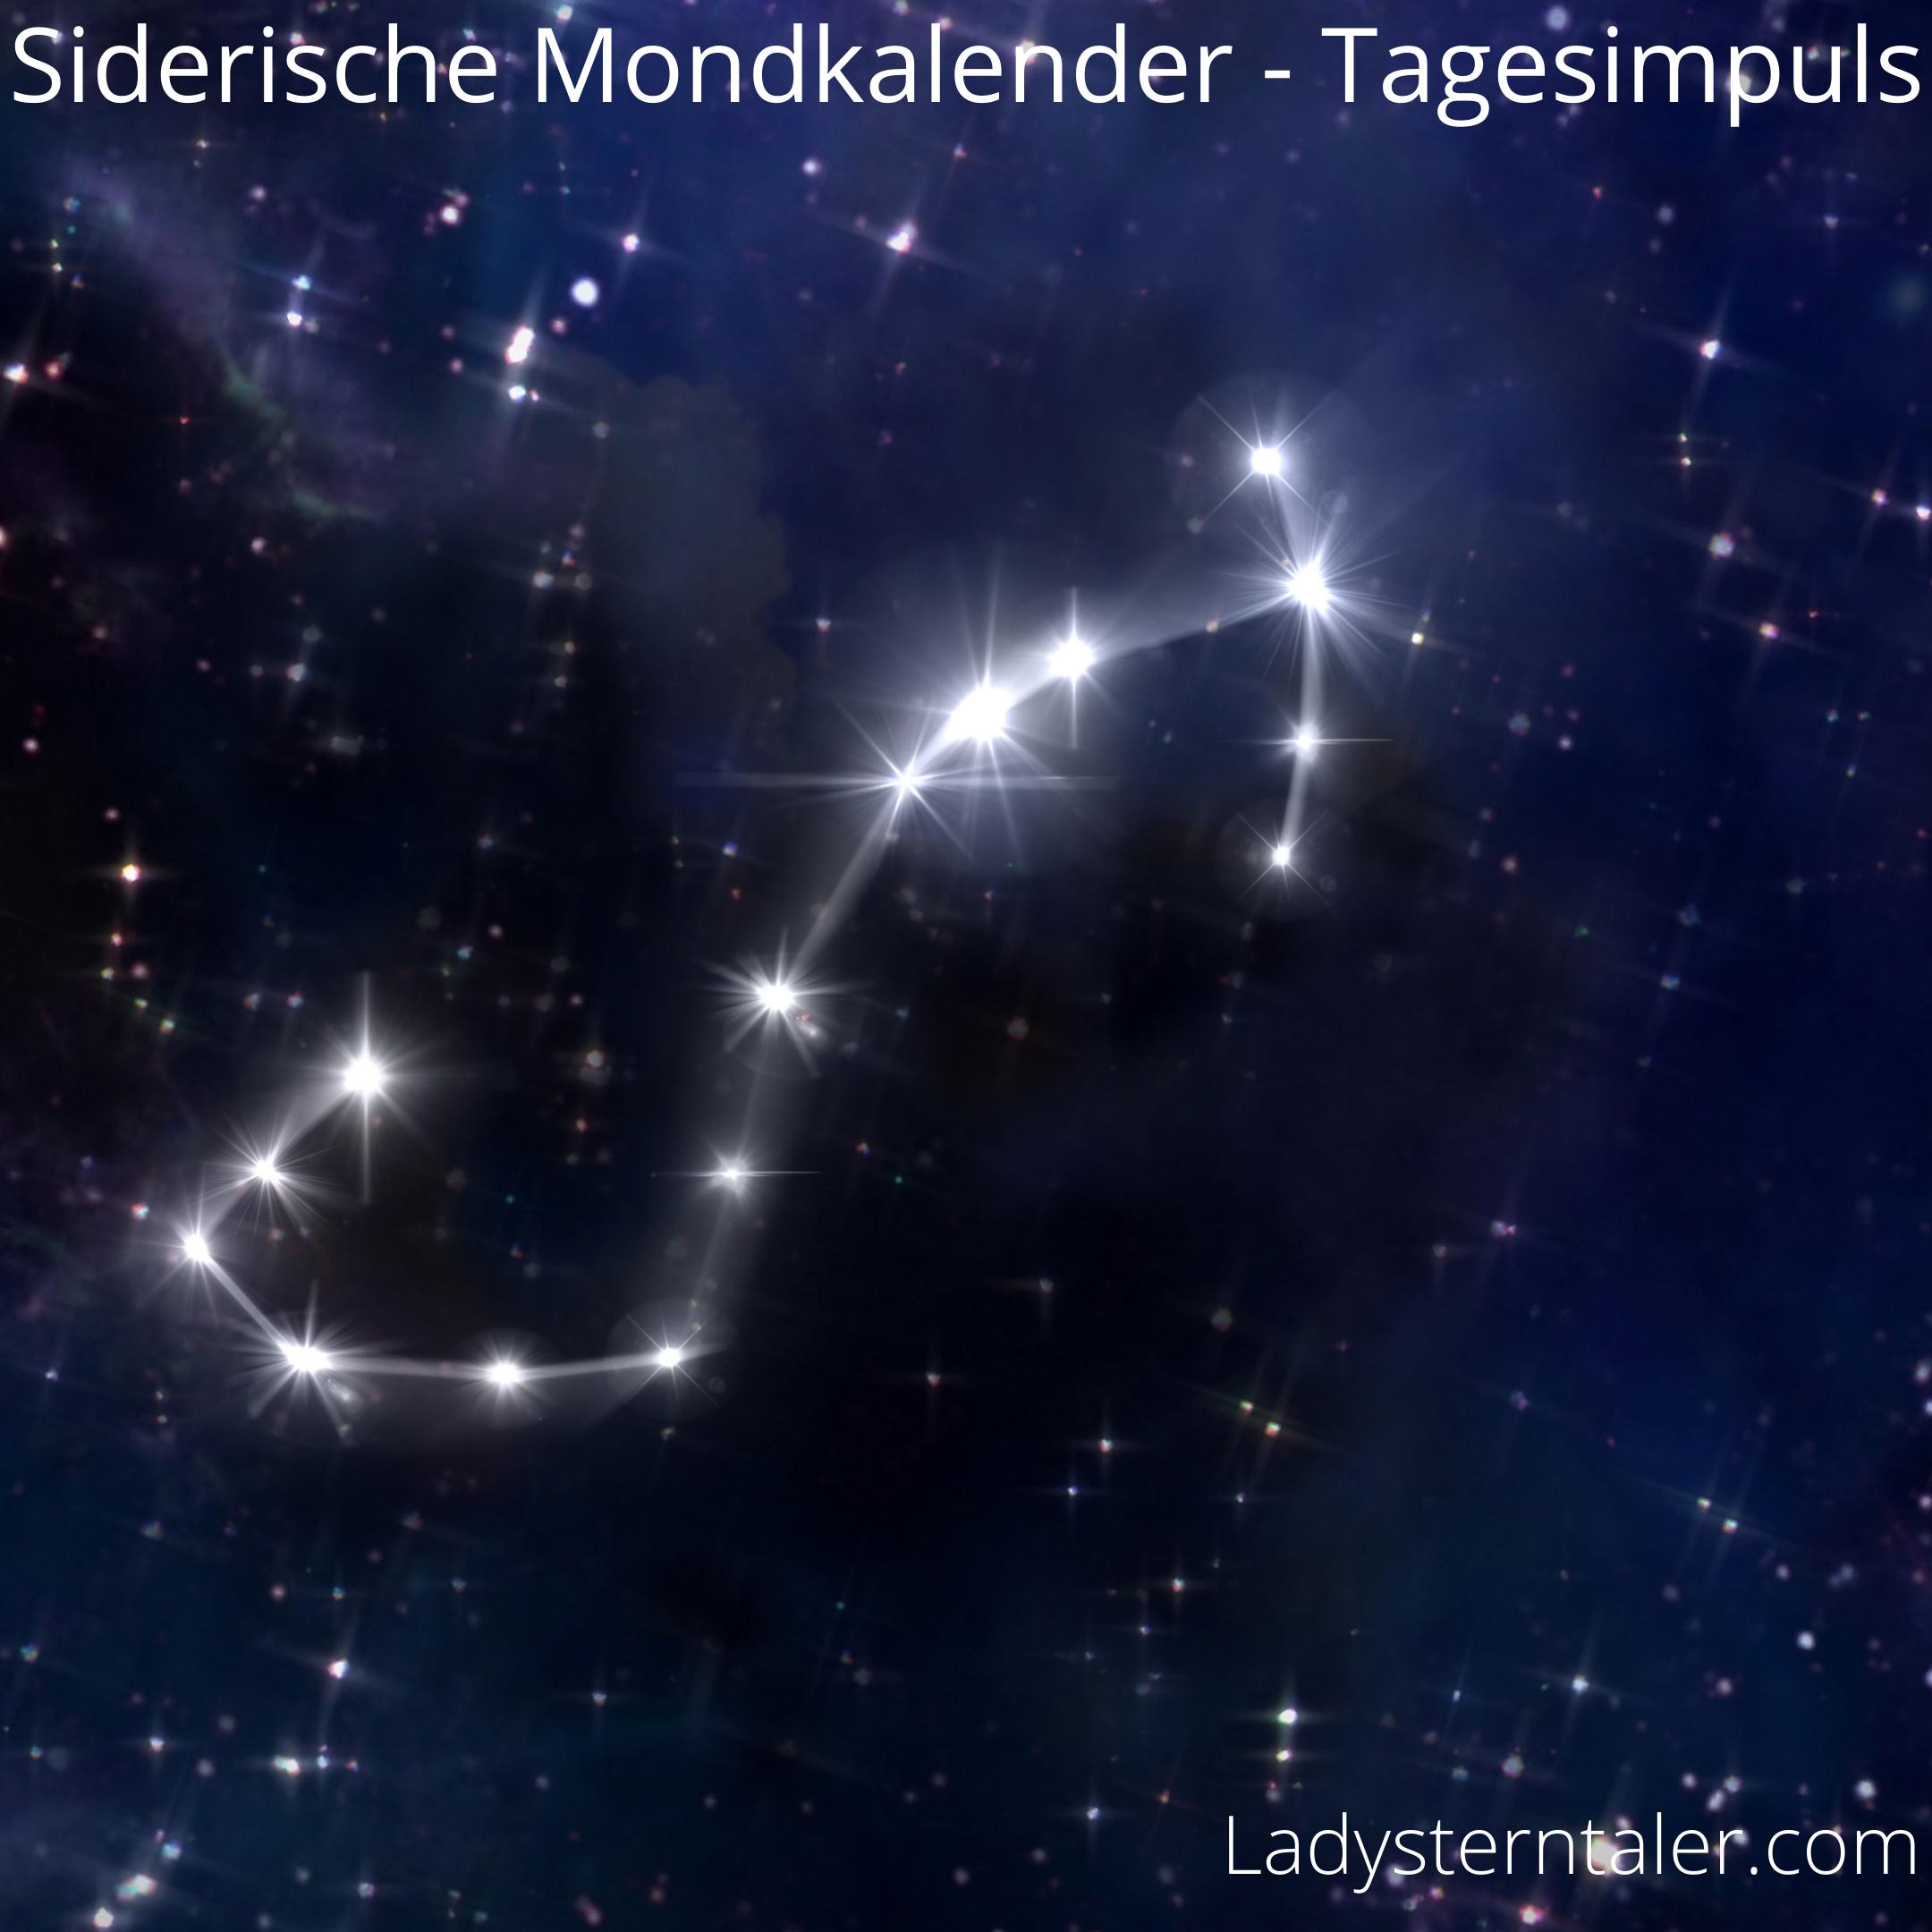 Siderischer Mondkalender Skorpion (1)